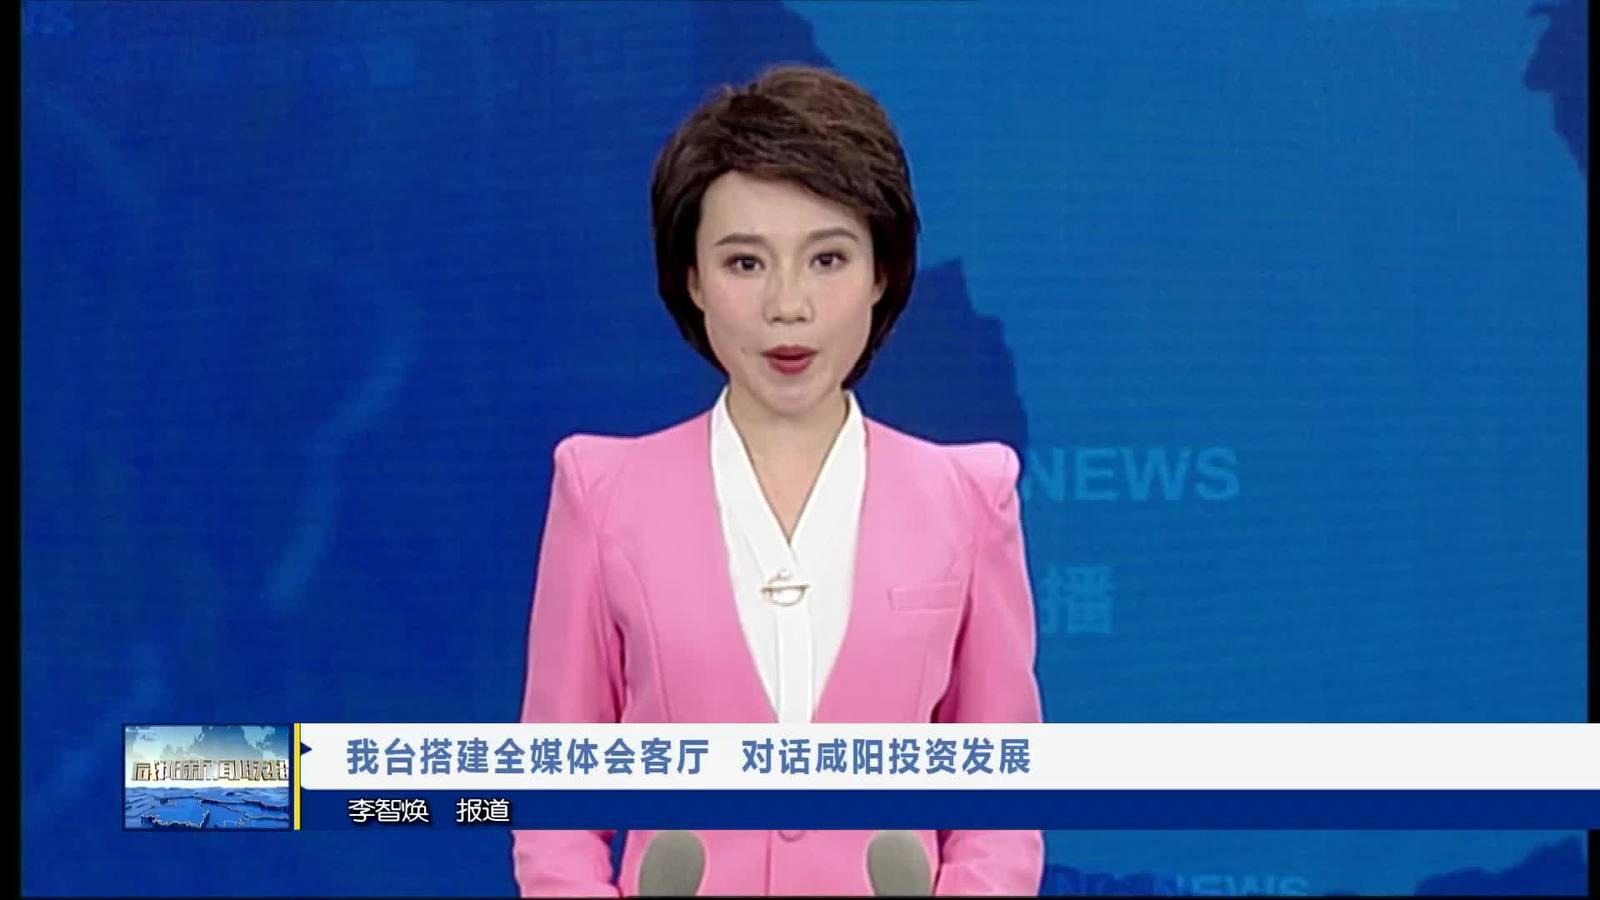 【视频新闻】我台搭建全媒体会客厅  对话咸阳投资发展